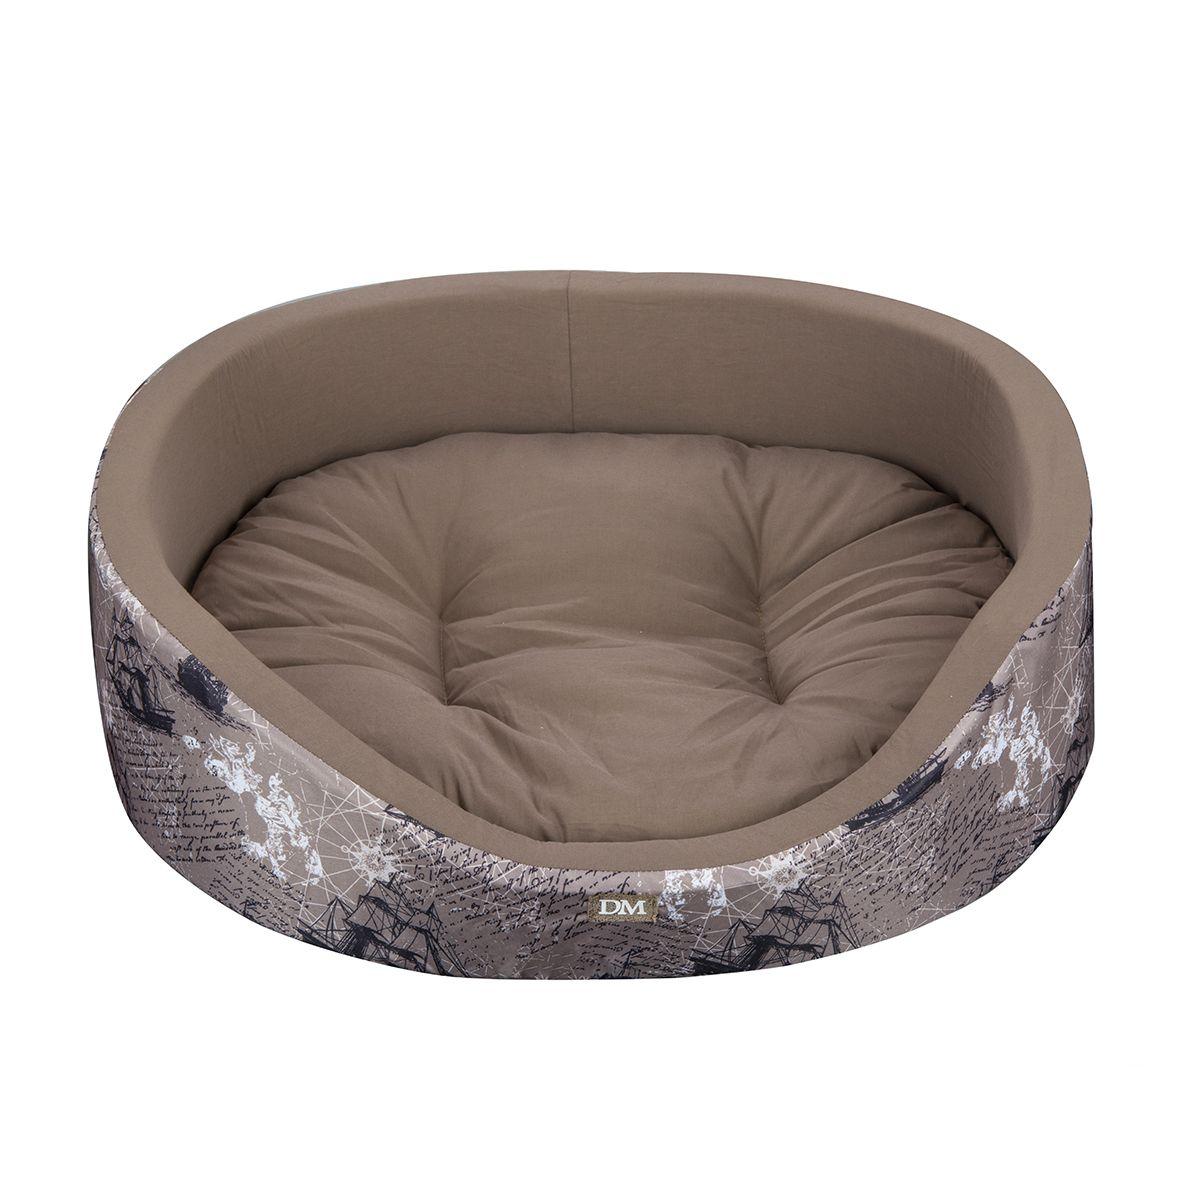 Лежак Dogmoda Парус 57*44*15 смDM-150301-3Стильный лежак для животных с интересным рисунком - для пушетественников и мечтателей.